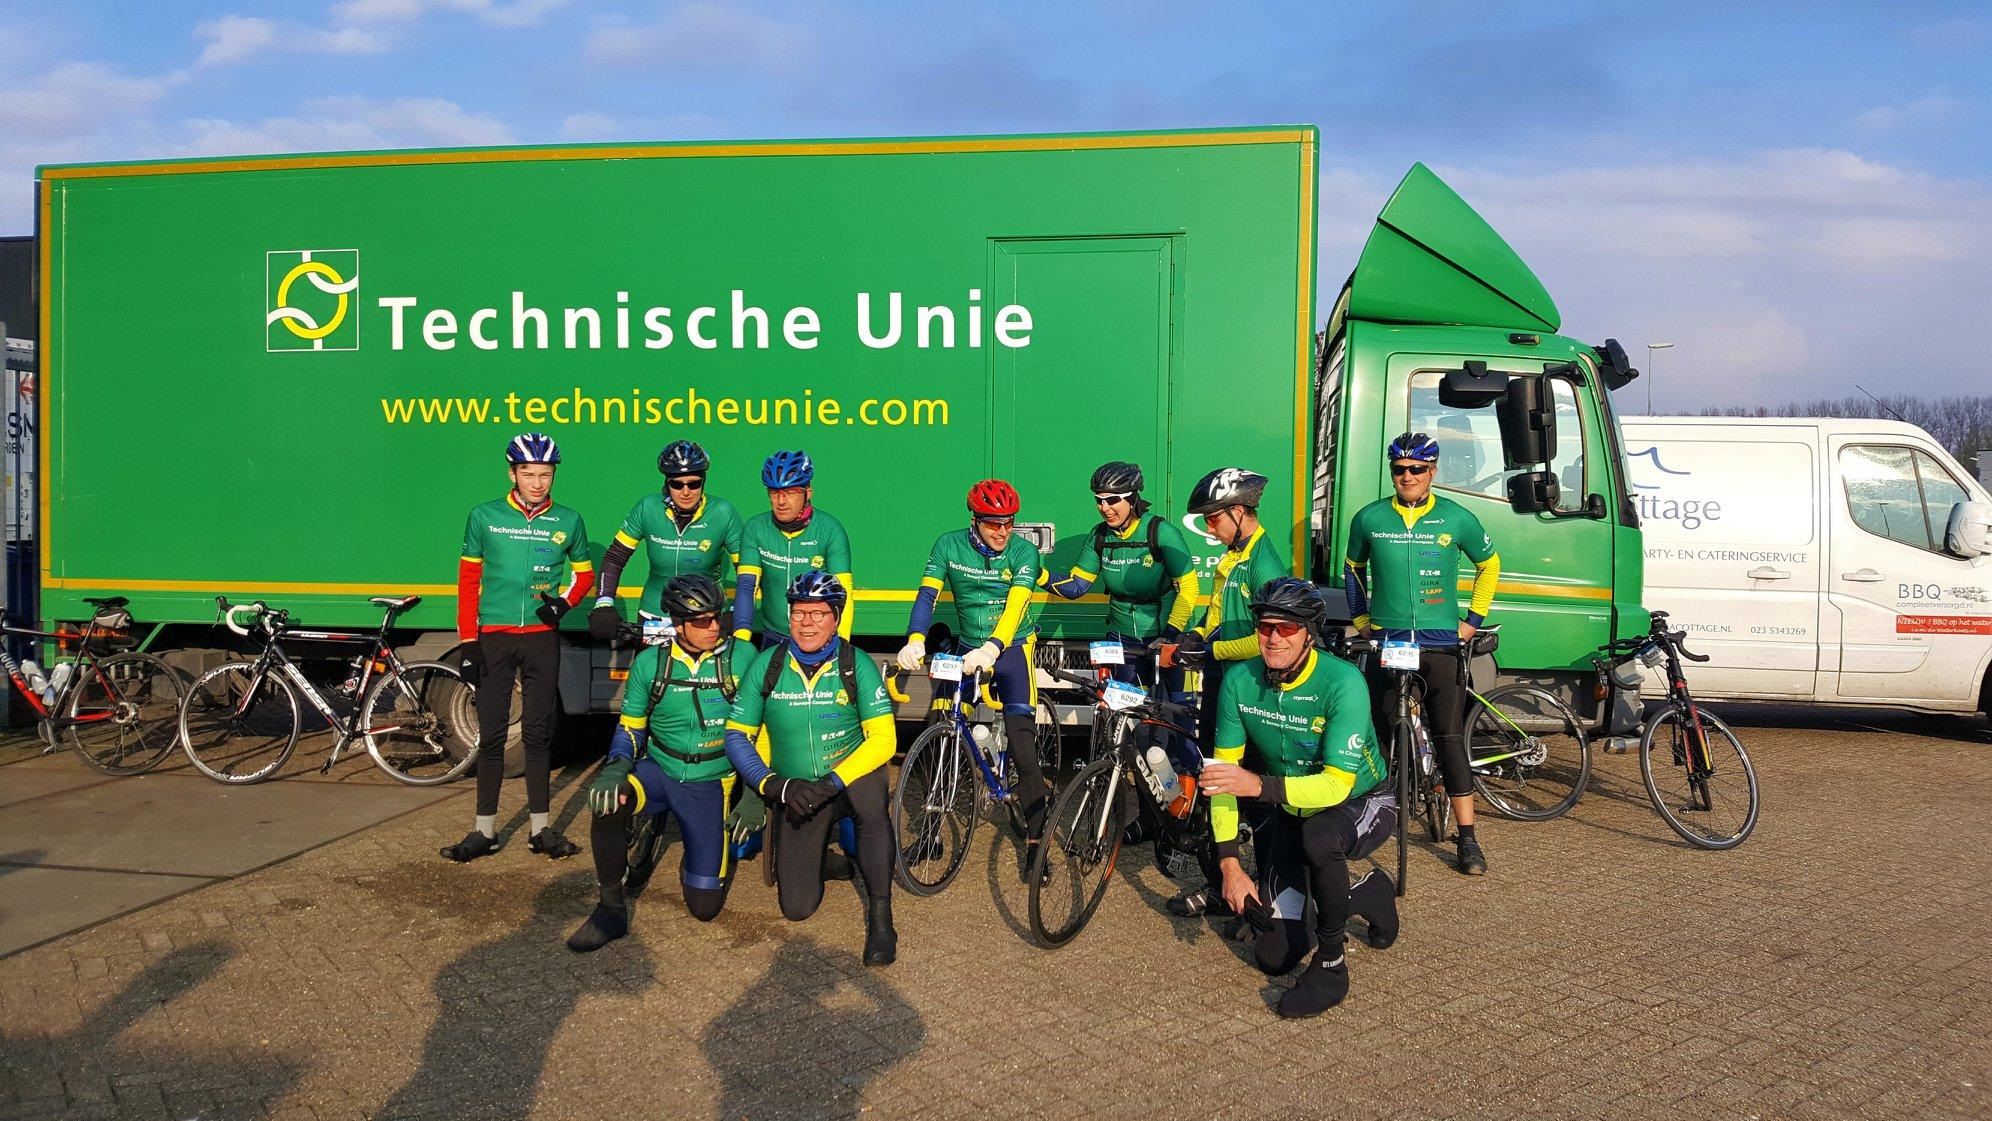 Het-zag-groen-op-de-Nederlandse-wegen--afgelopen-weekend--In-Tilburg-deden-collega-s-mee-met-de-jaarlijkse-Truck-Tour--14-4-2019-